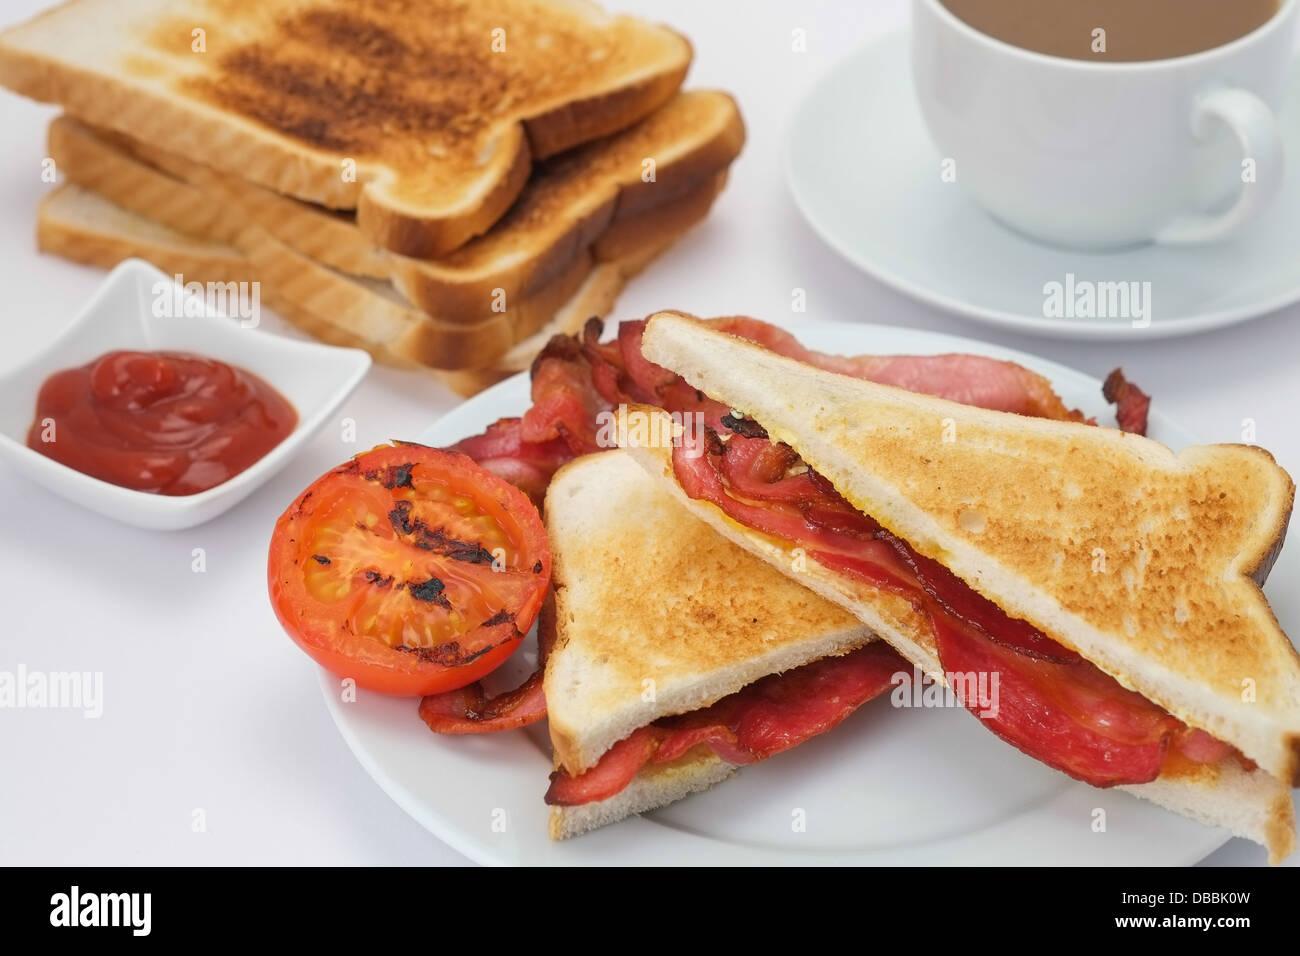 Frühstück mit Schinken-Sandwich mit Toast und eine Tasse Kaffee Stockbild